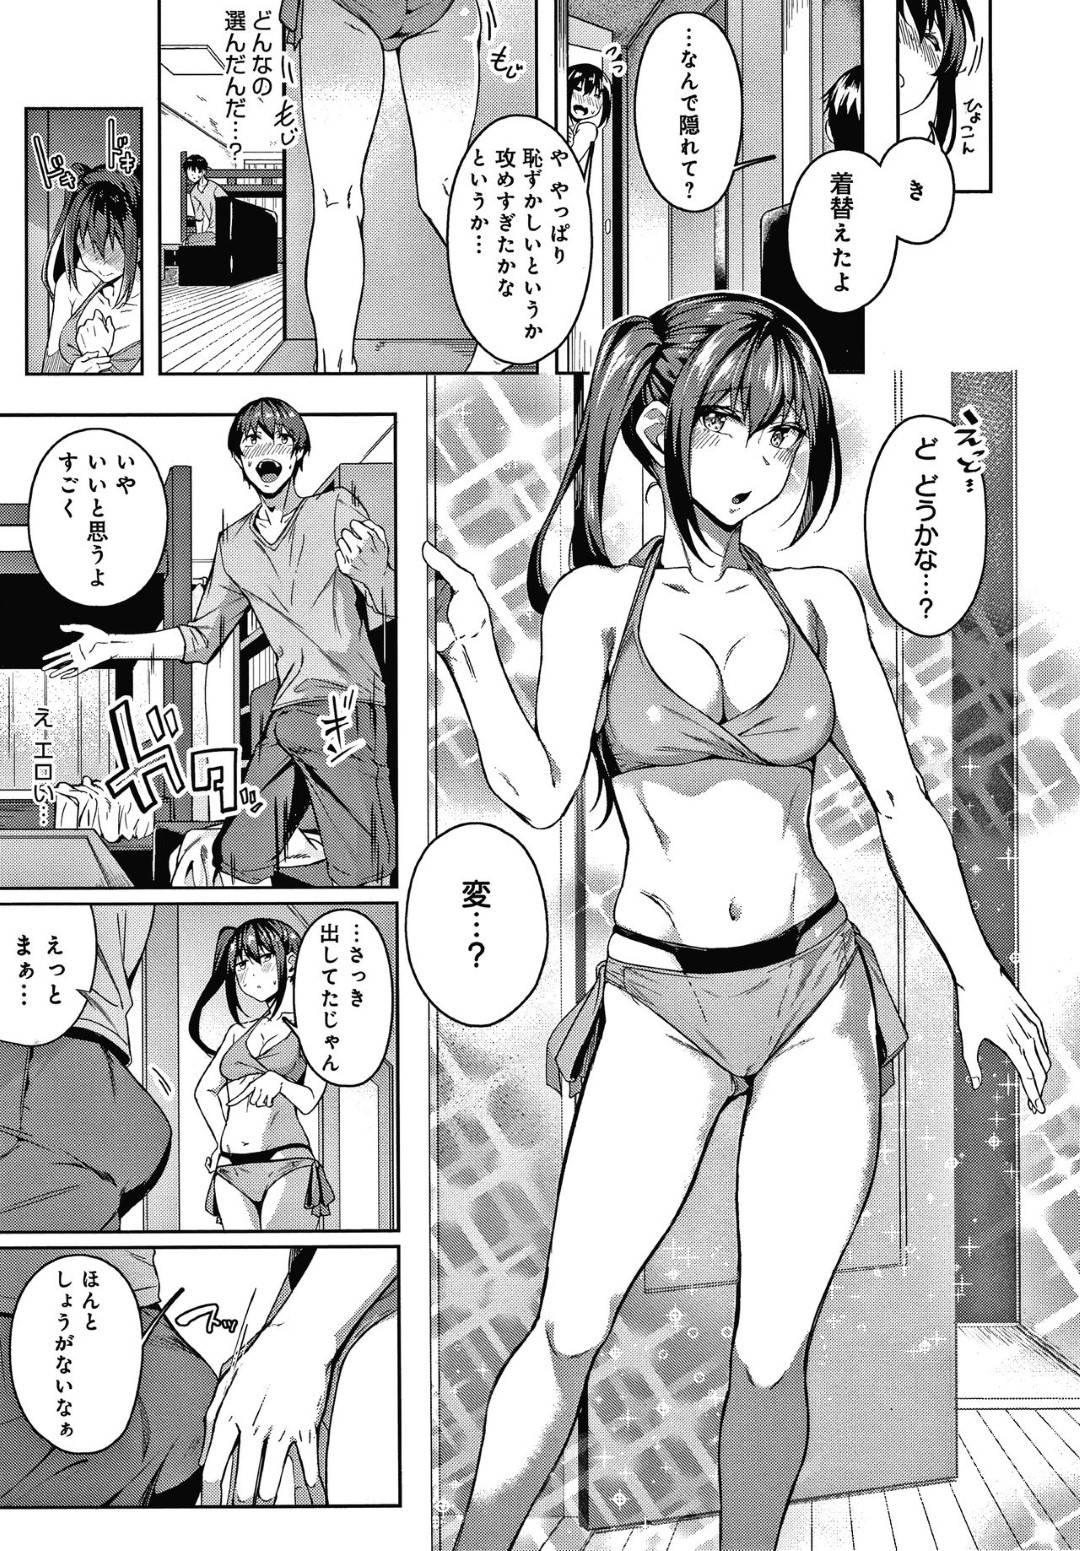 【姉妹丼エロ漫画】姉妹に誘惑される男は、ちんこをフェラされると3Pセックスで何度もヤリまくり姉妹丼する【みかわや】